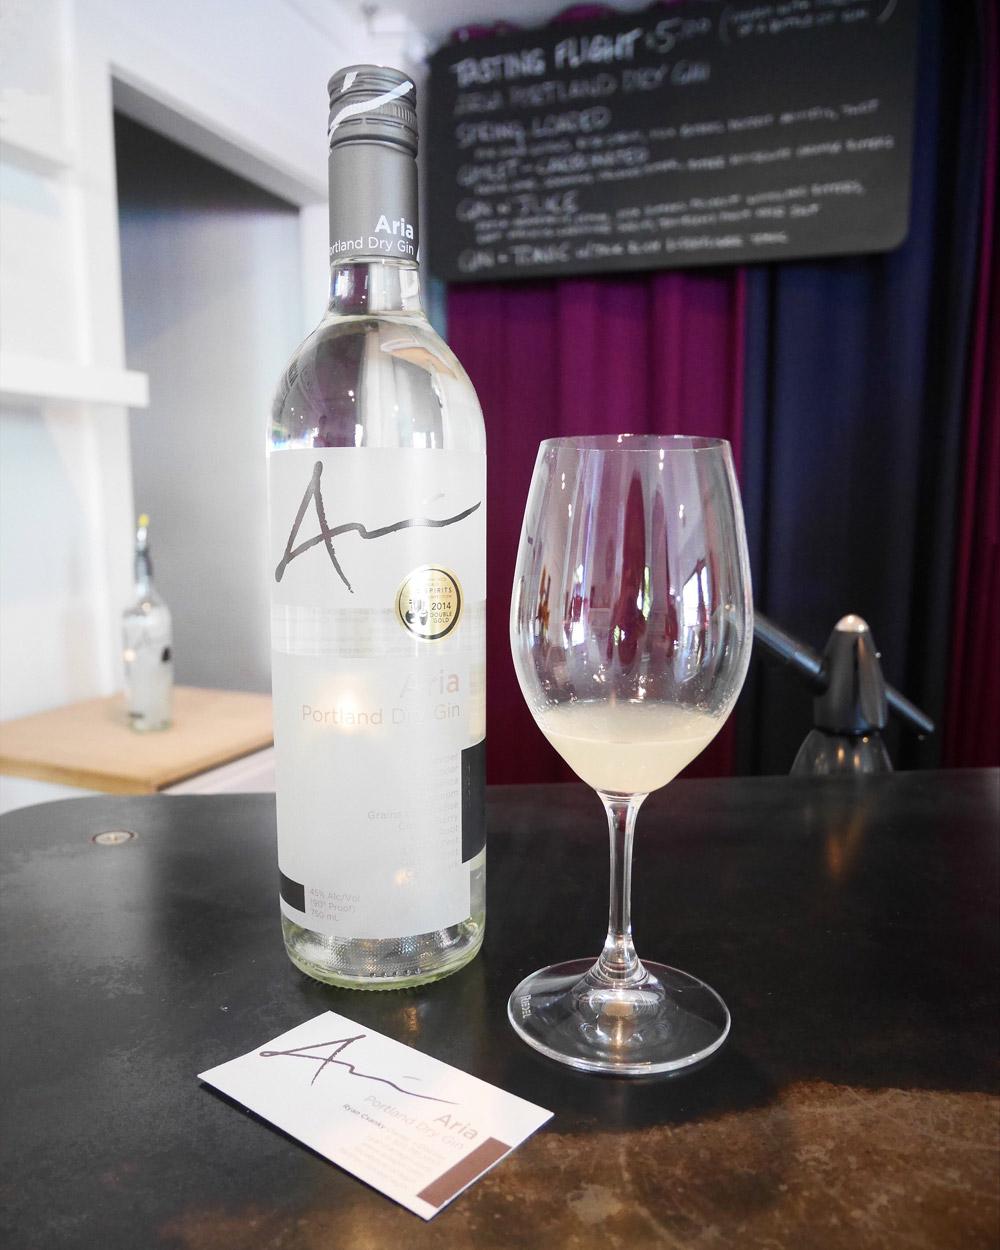 Aria Gin Award Winning Dry English Gin, Portland